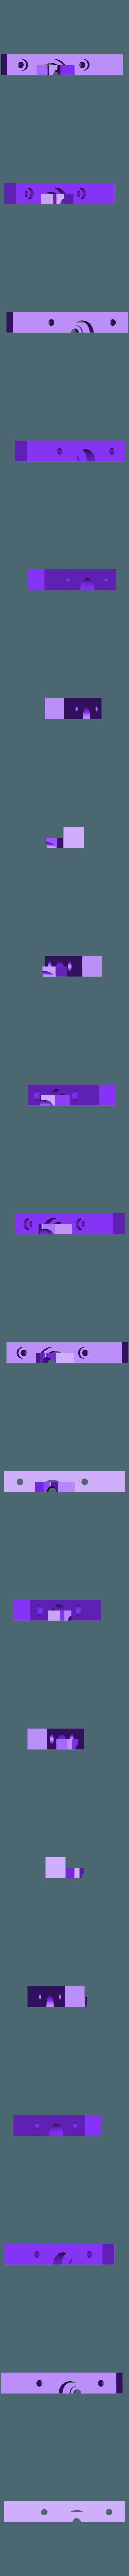 E3D_Mount_v2-6_MIDDLE_CLAMP.STL Télécharger fichier STL gratuit Monture basse pour grenouille poly (RigidBot E3D v6) • Design pour imprimante 3D, WalterHsiao